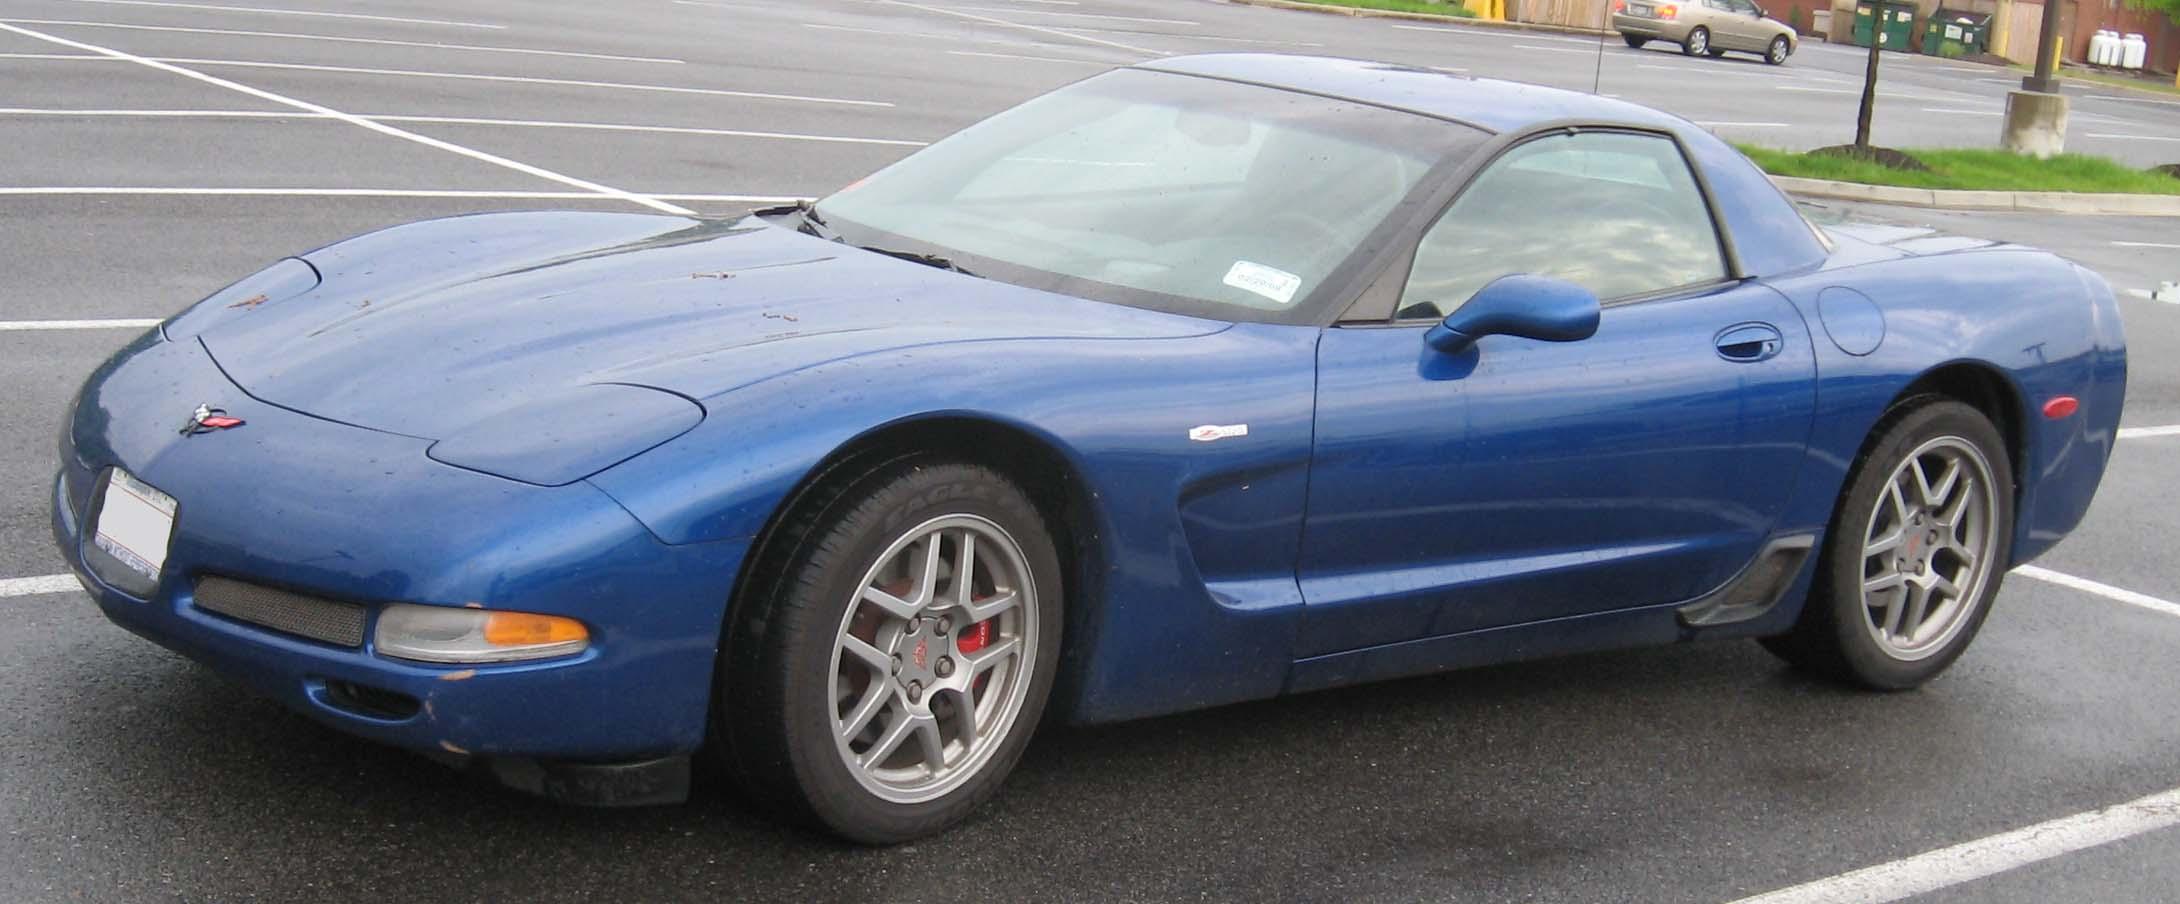 Description 01-04 Chevrolet Corvette Z06.jpg